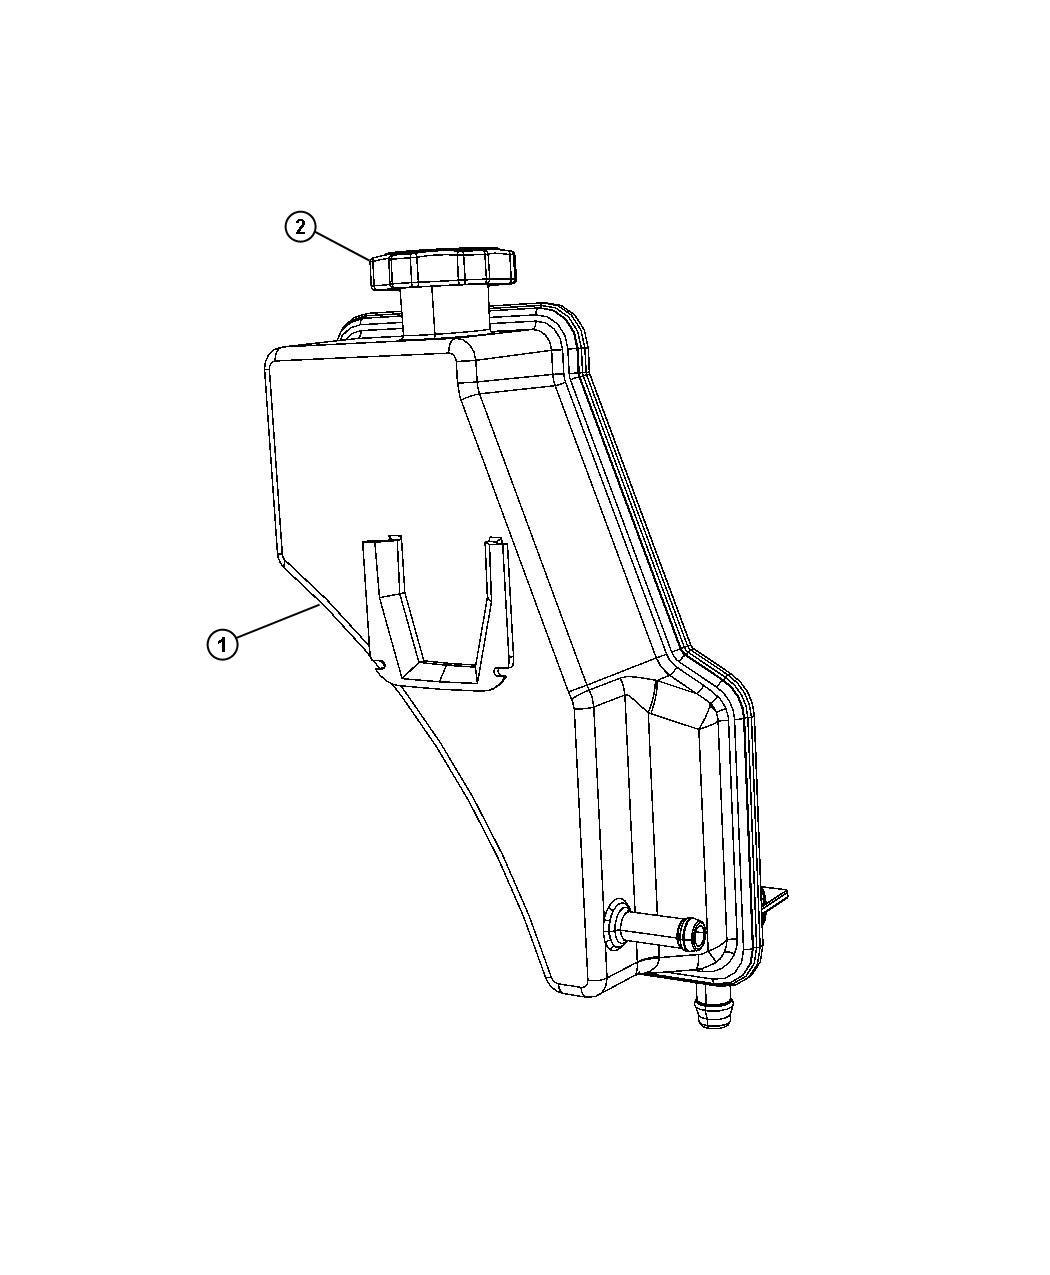 Chrysler 200 Reservoir Power Steering Fluid